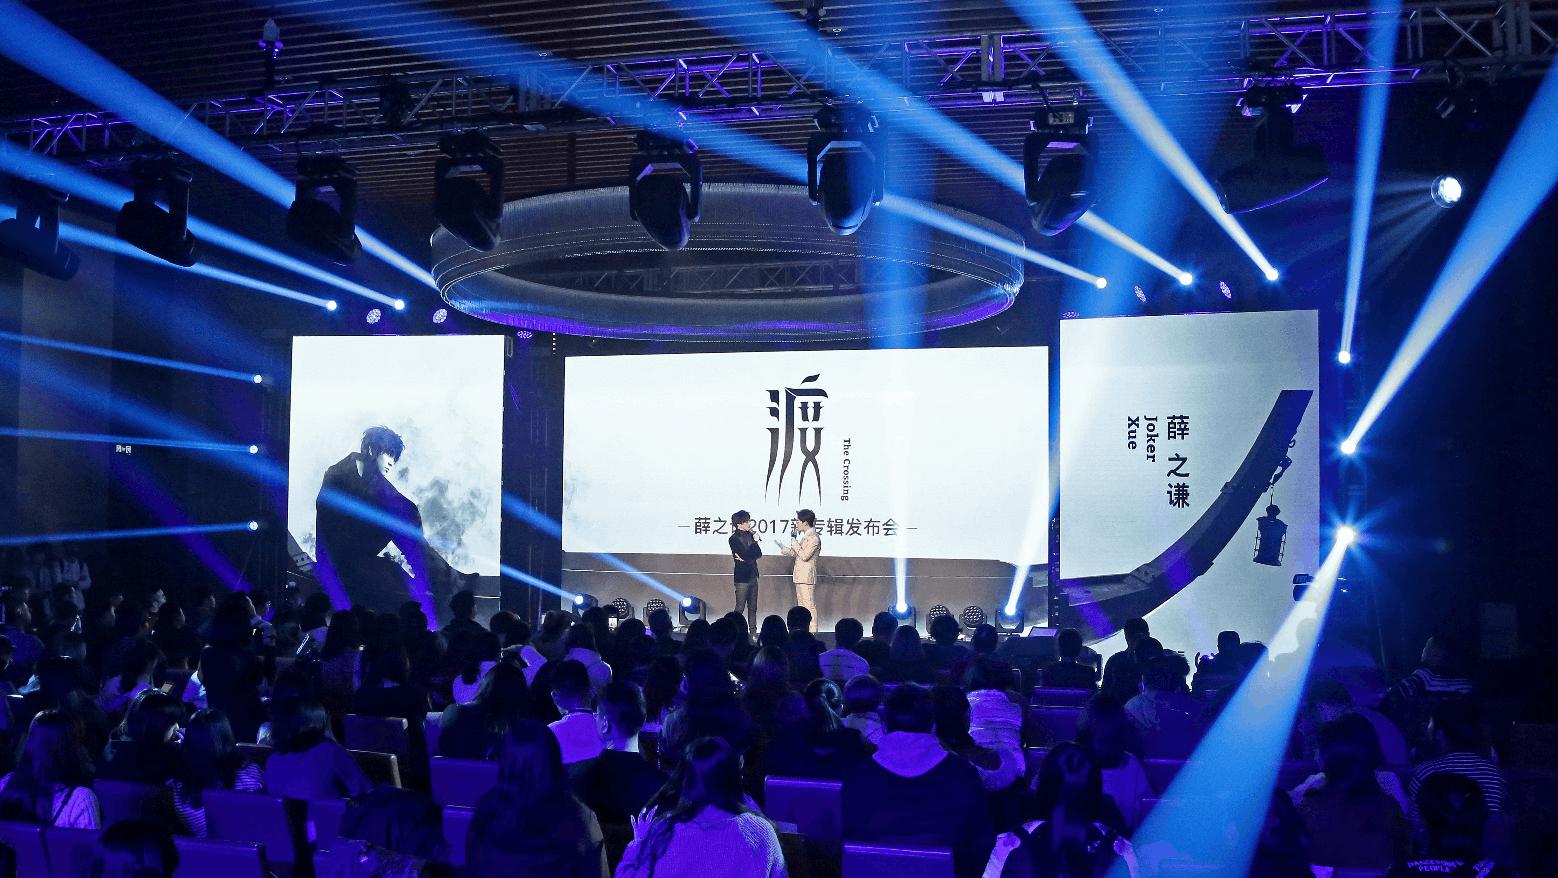 薛之谦新专辑发布会在京举行 续约太合音乐